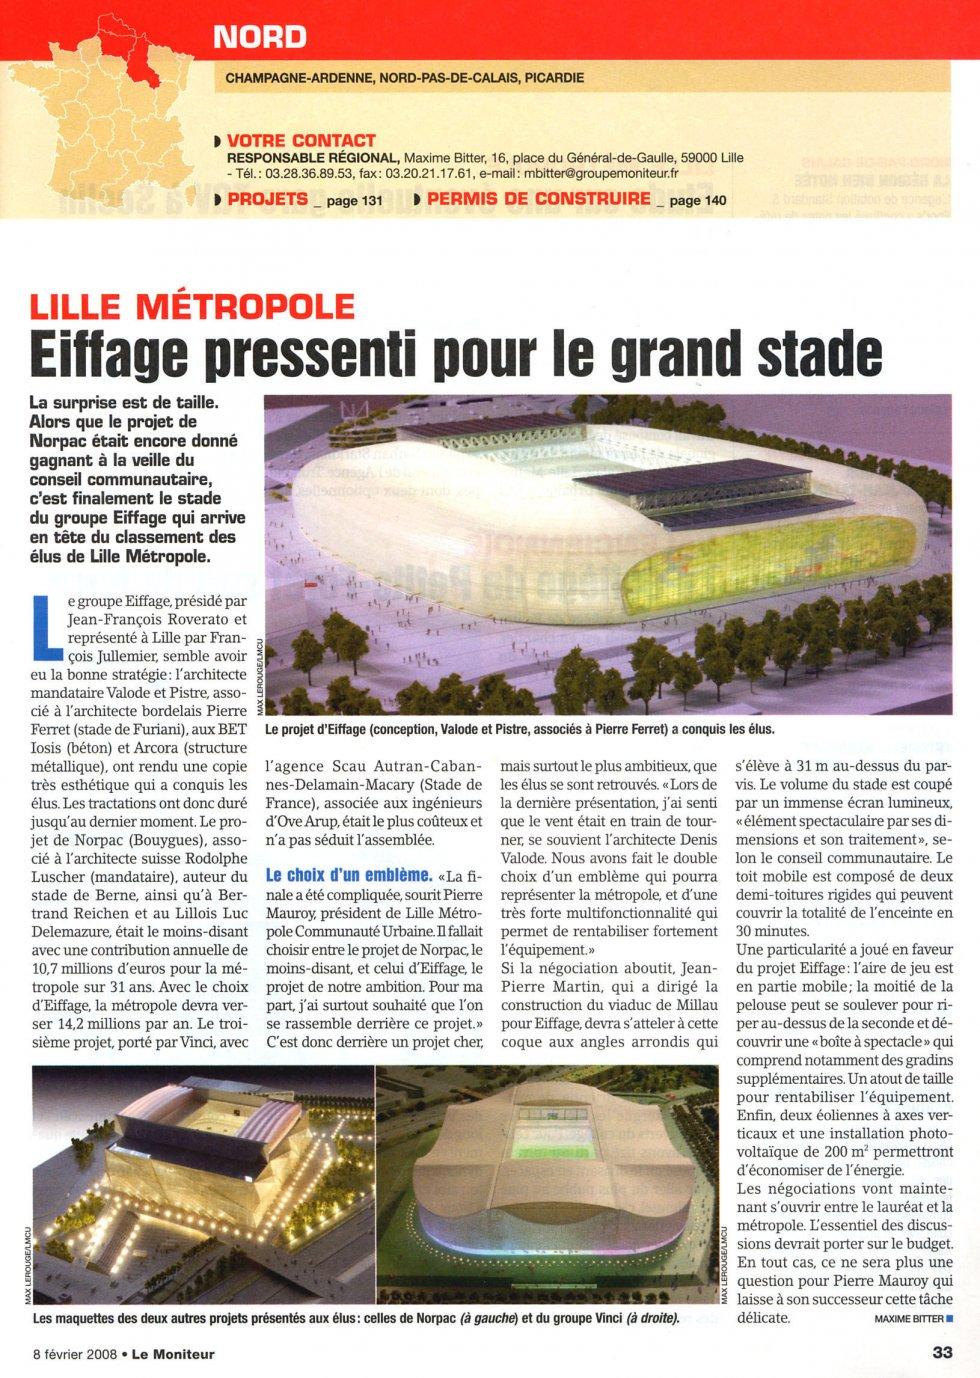 Eiffage pressenti pour le grand stade de Lille